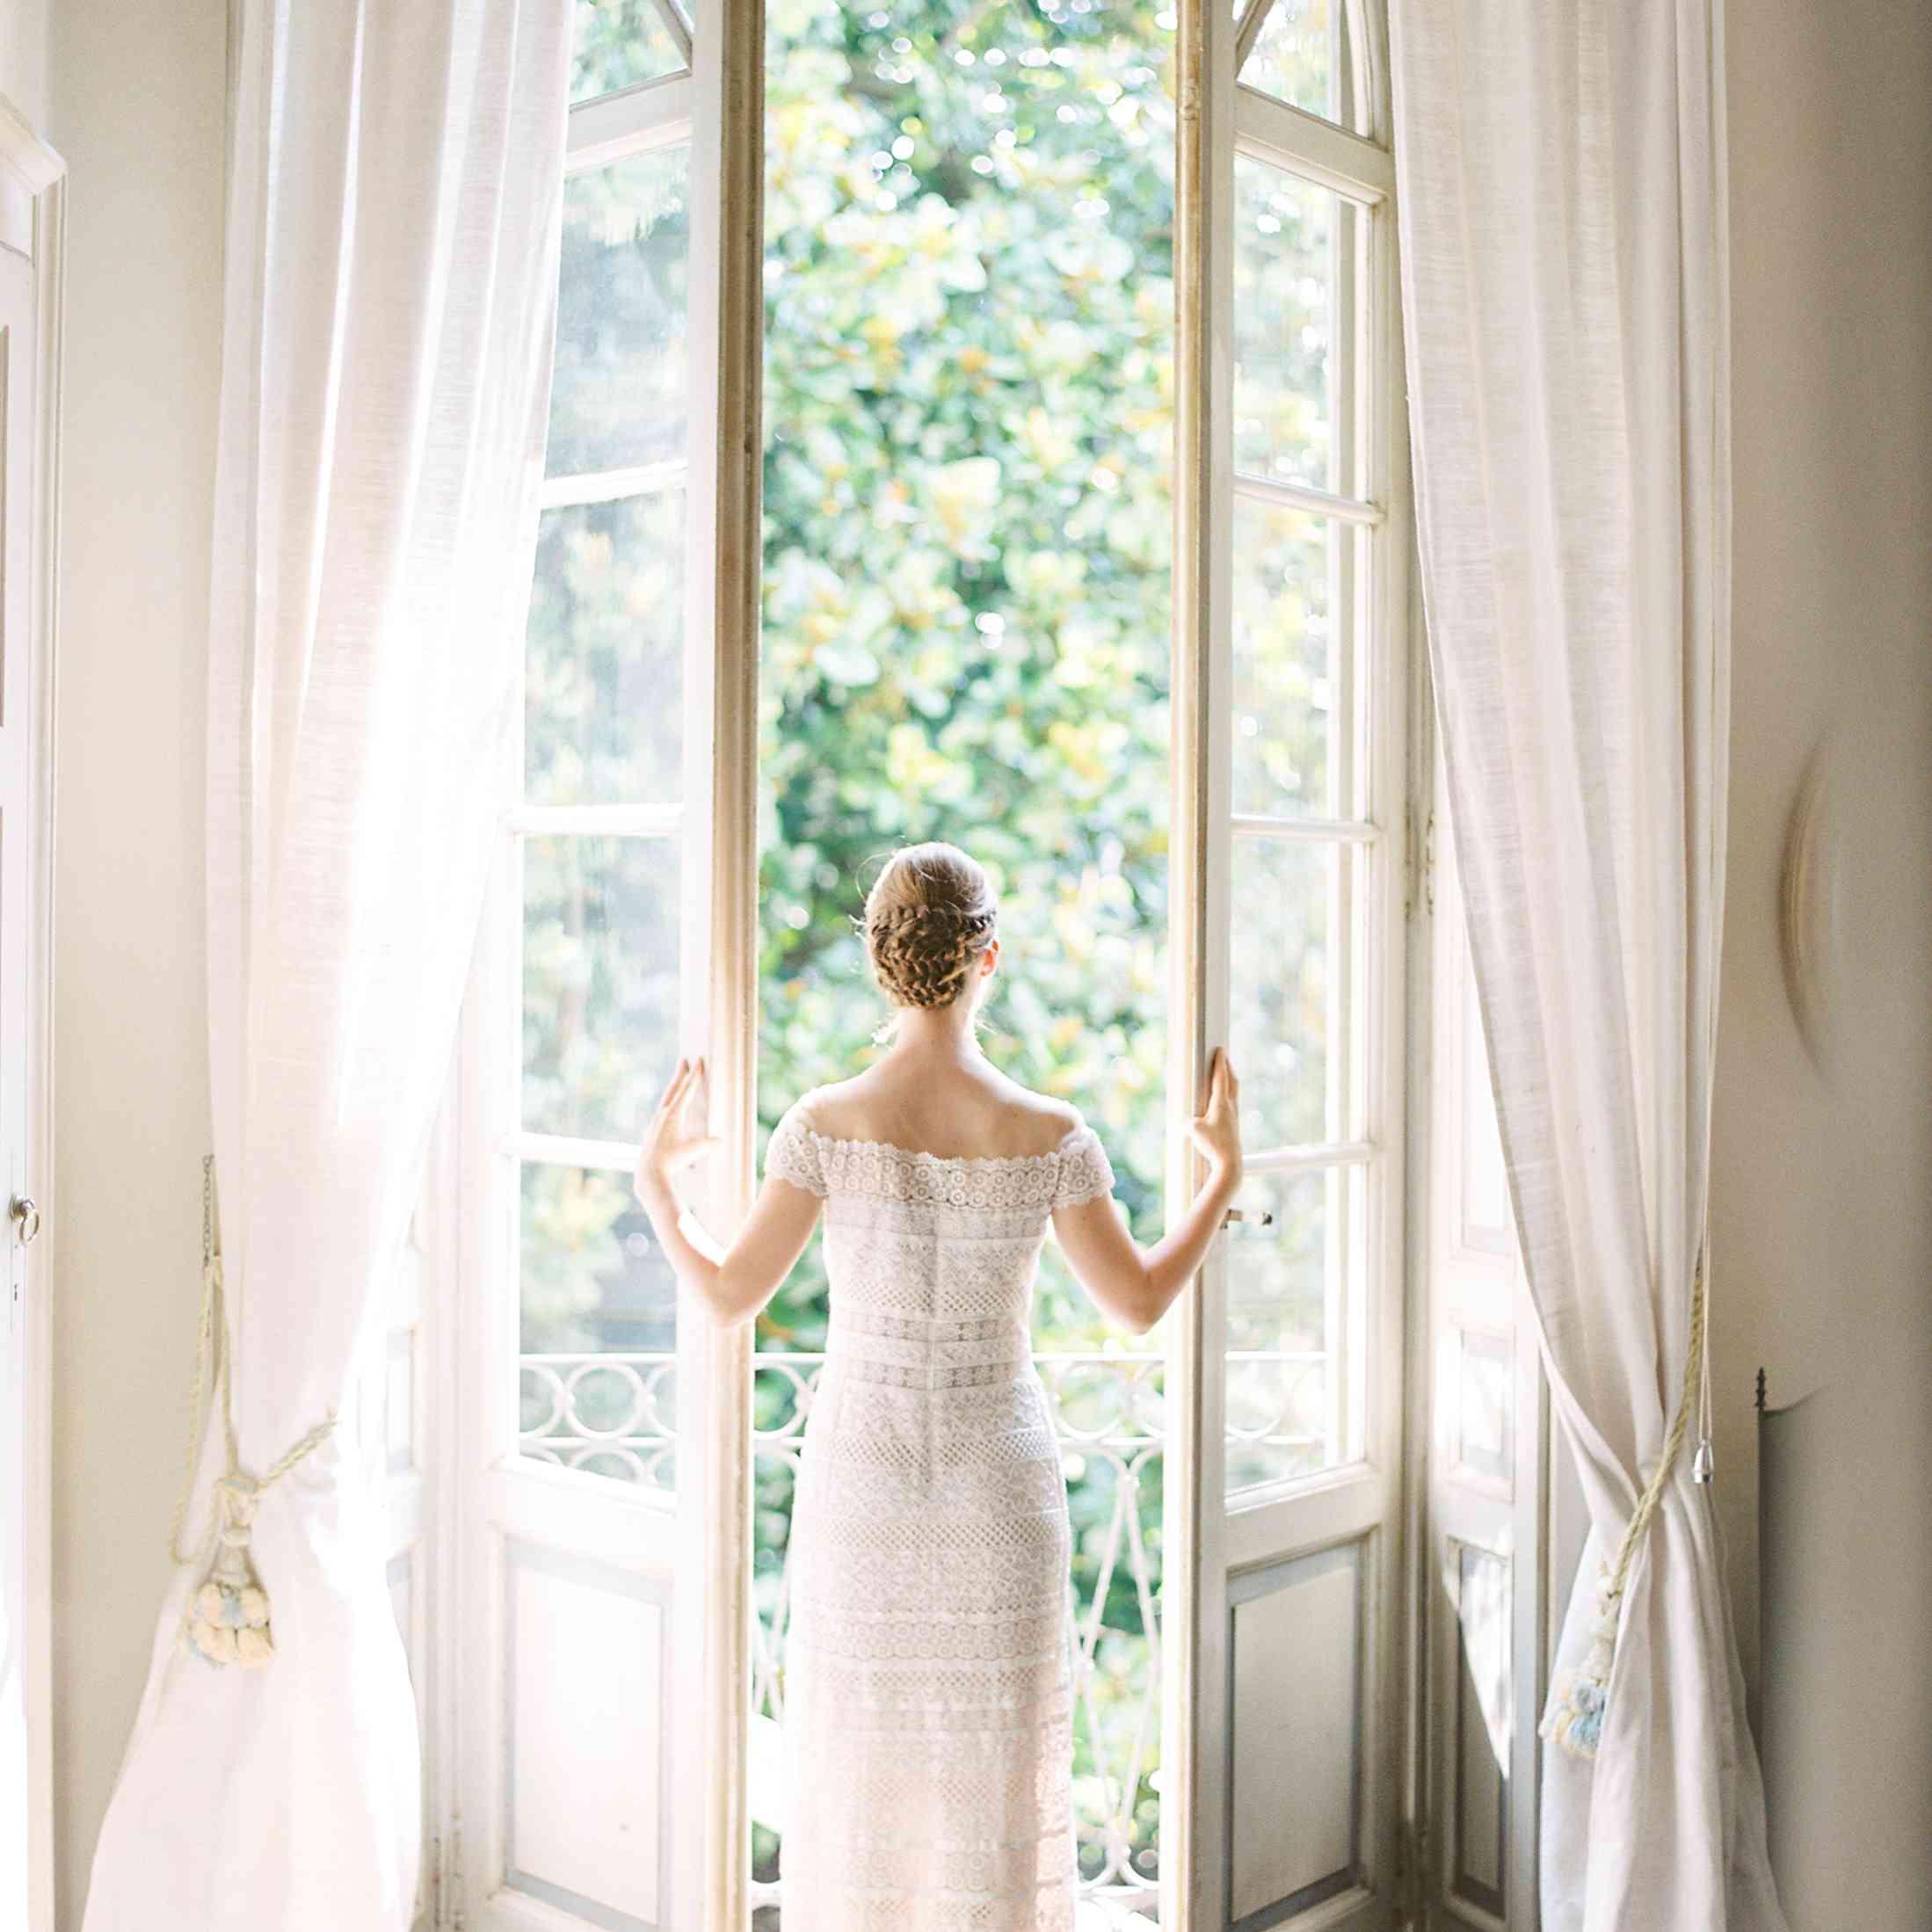 Bride looking through a window